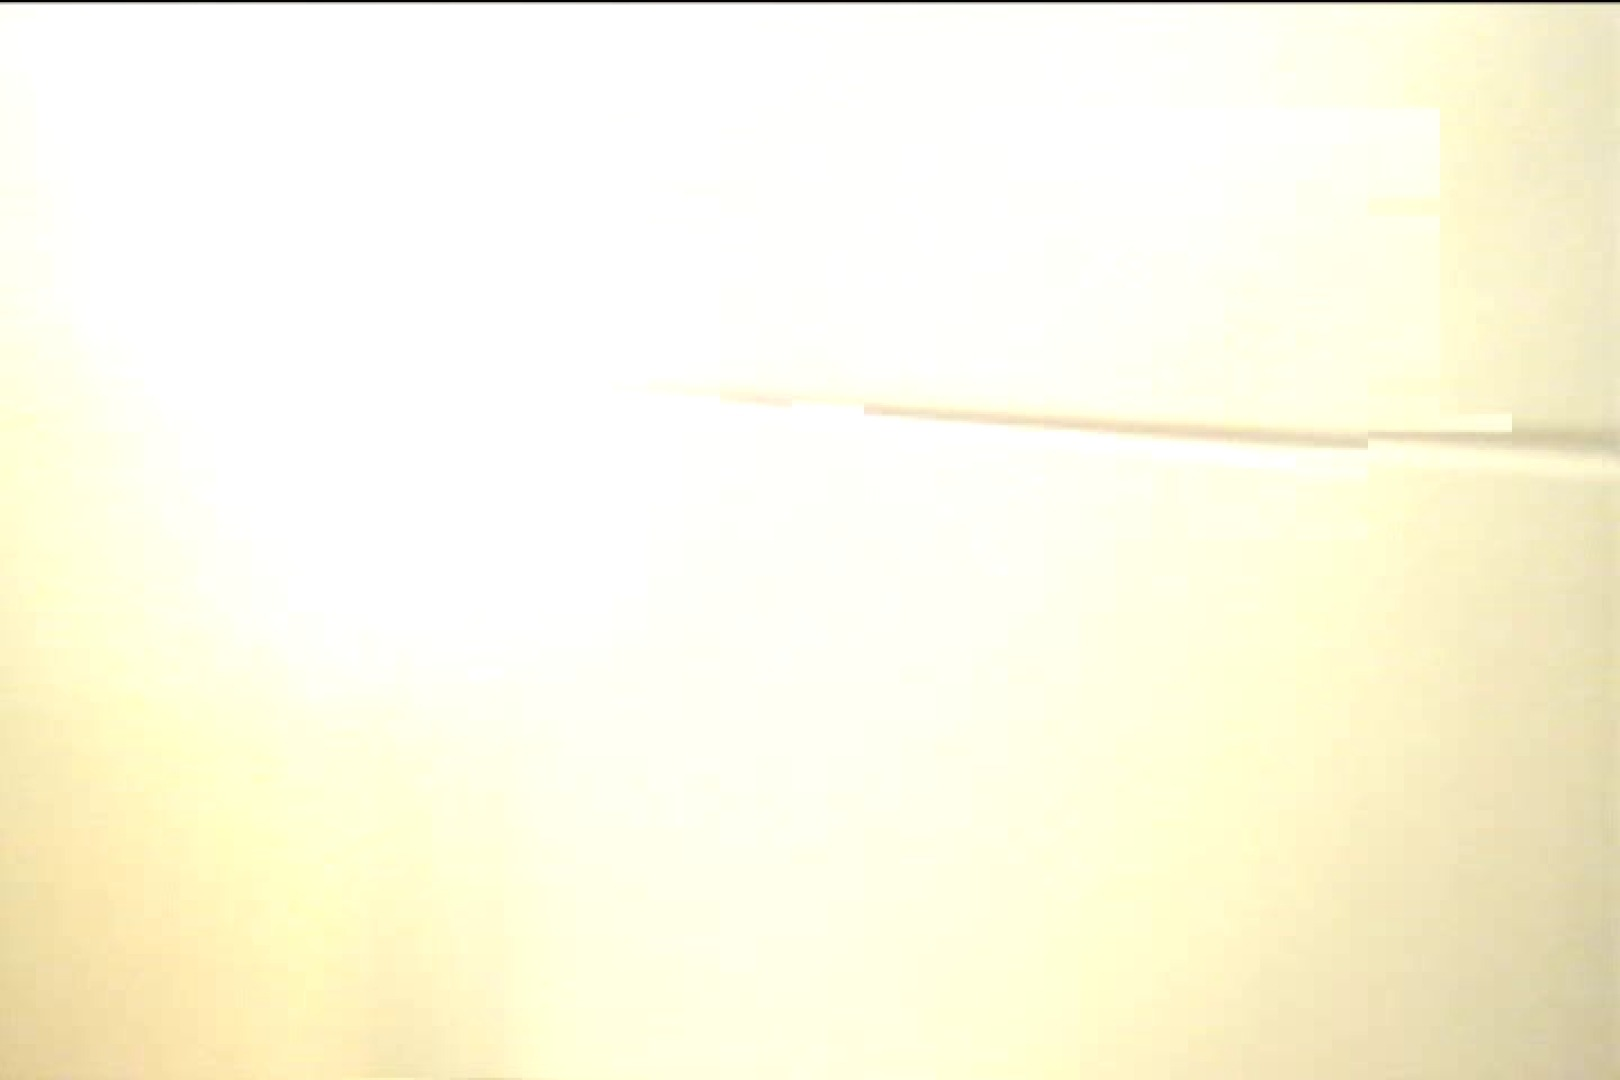 マンコ丸見え女子洗面所Vol.35 丸見え 盗撮AV動画キャプチャ 75画像 59